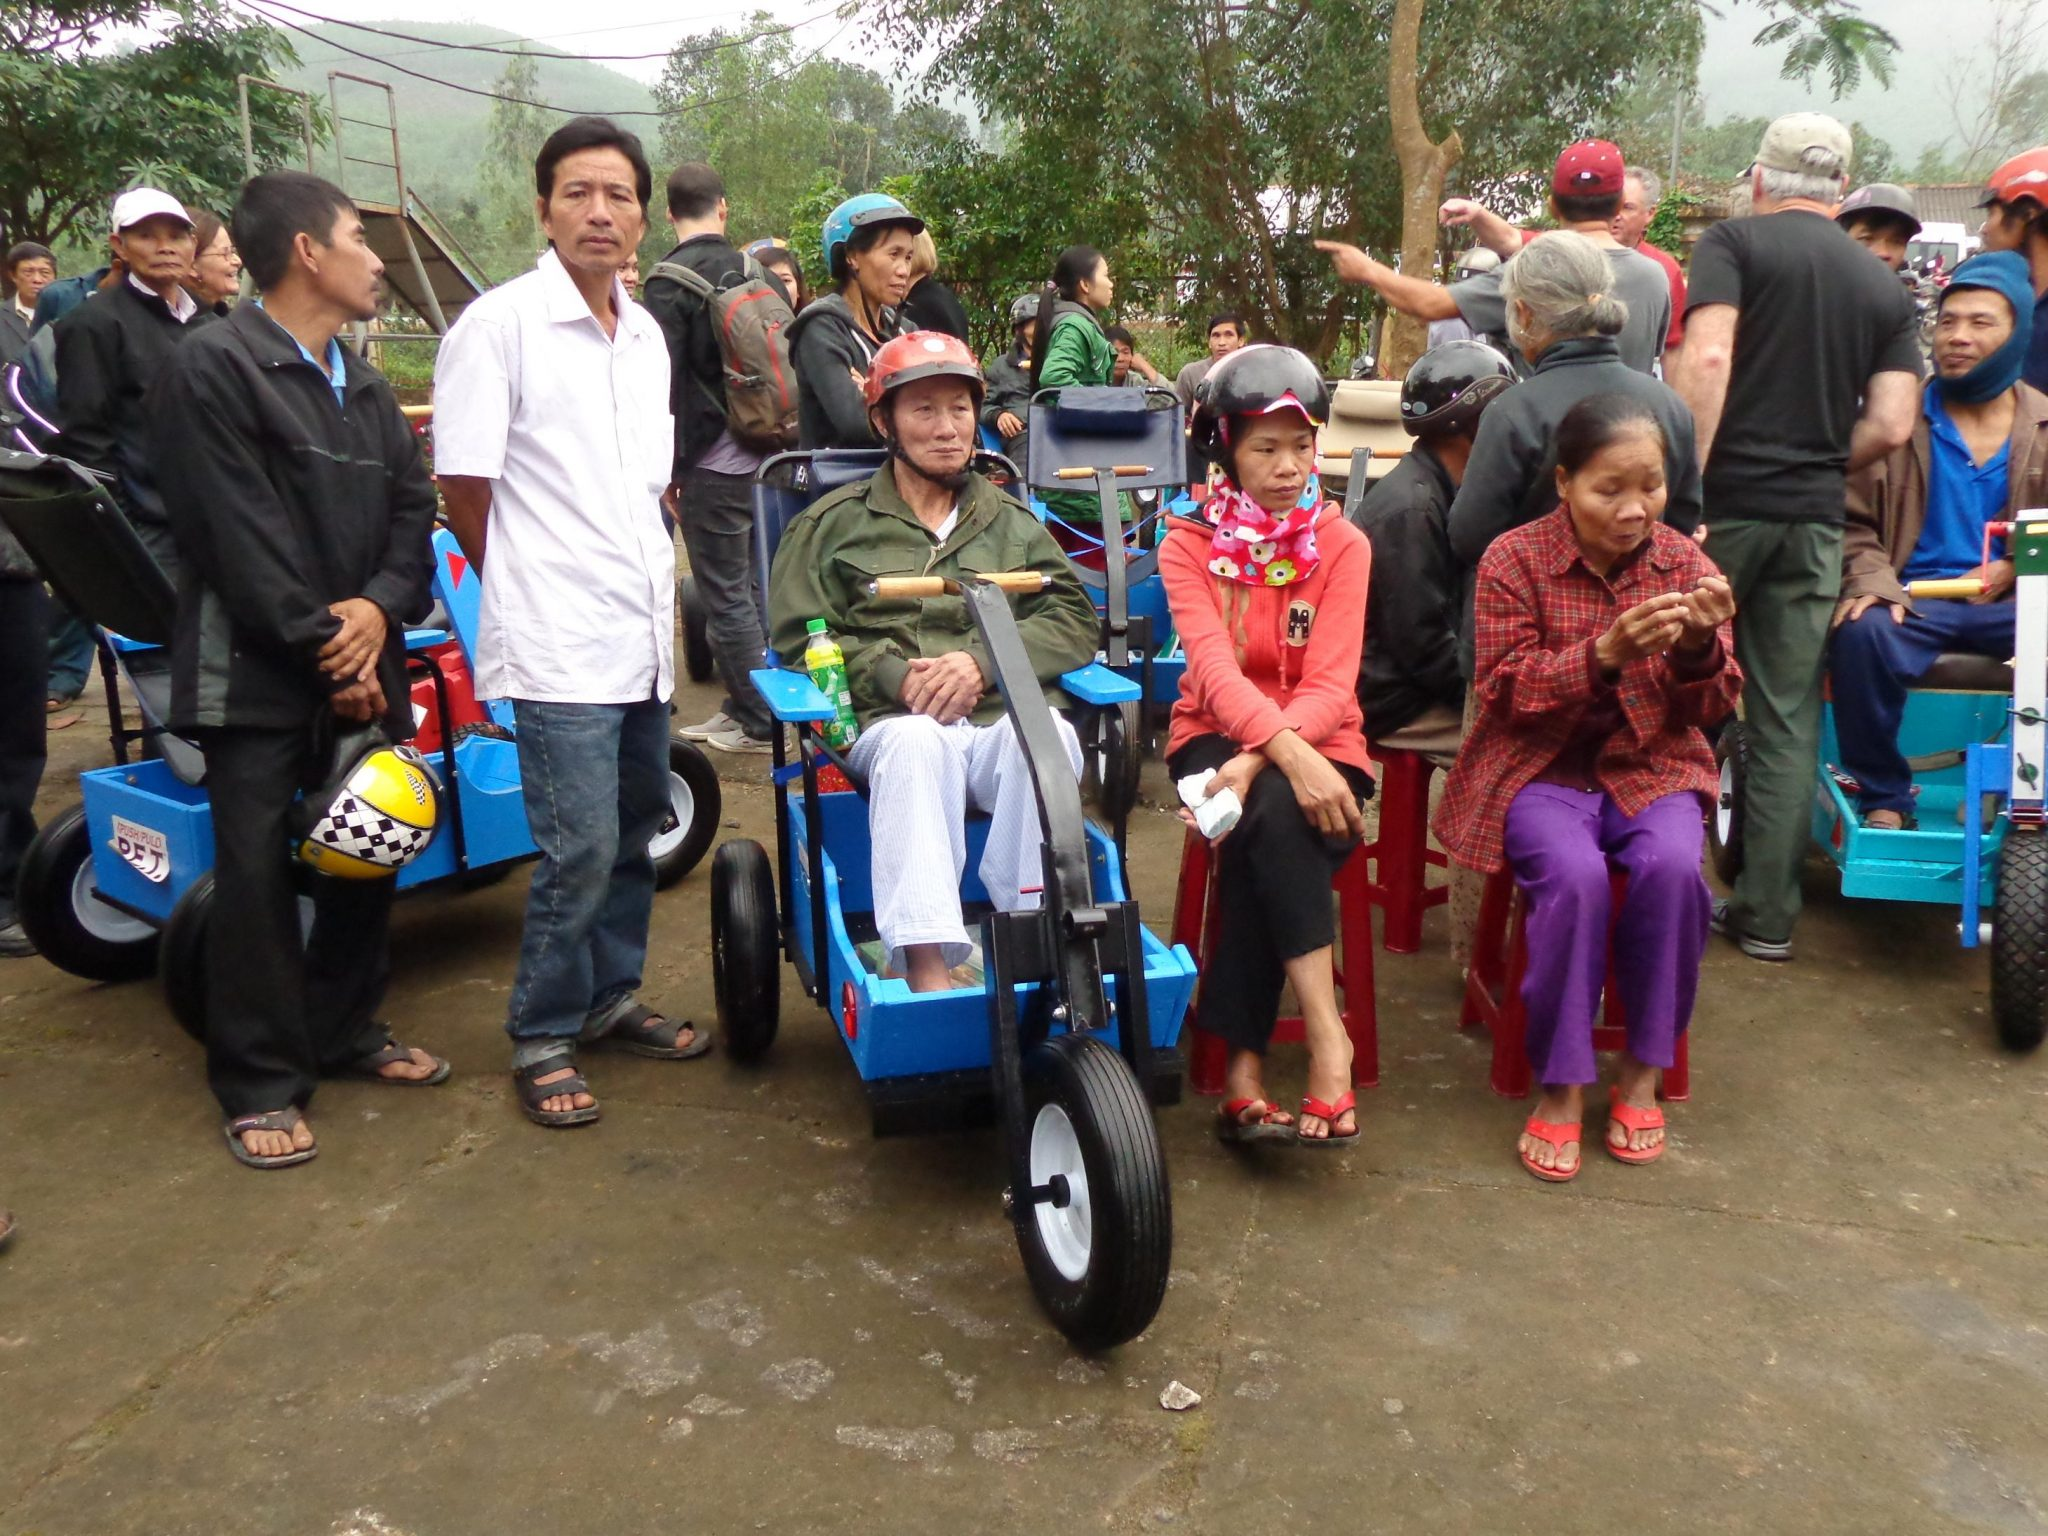 Mobilizing people in Vietnam brings joy